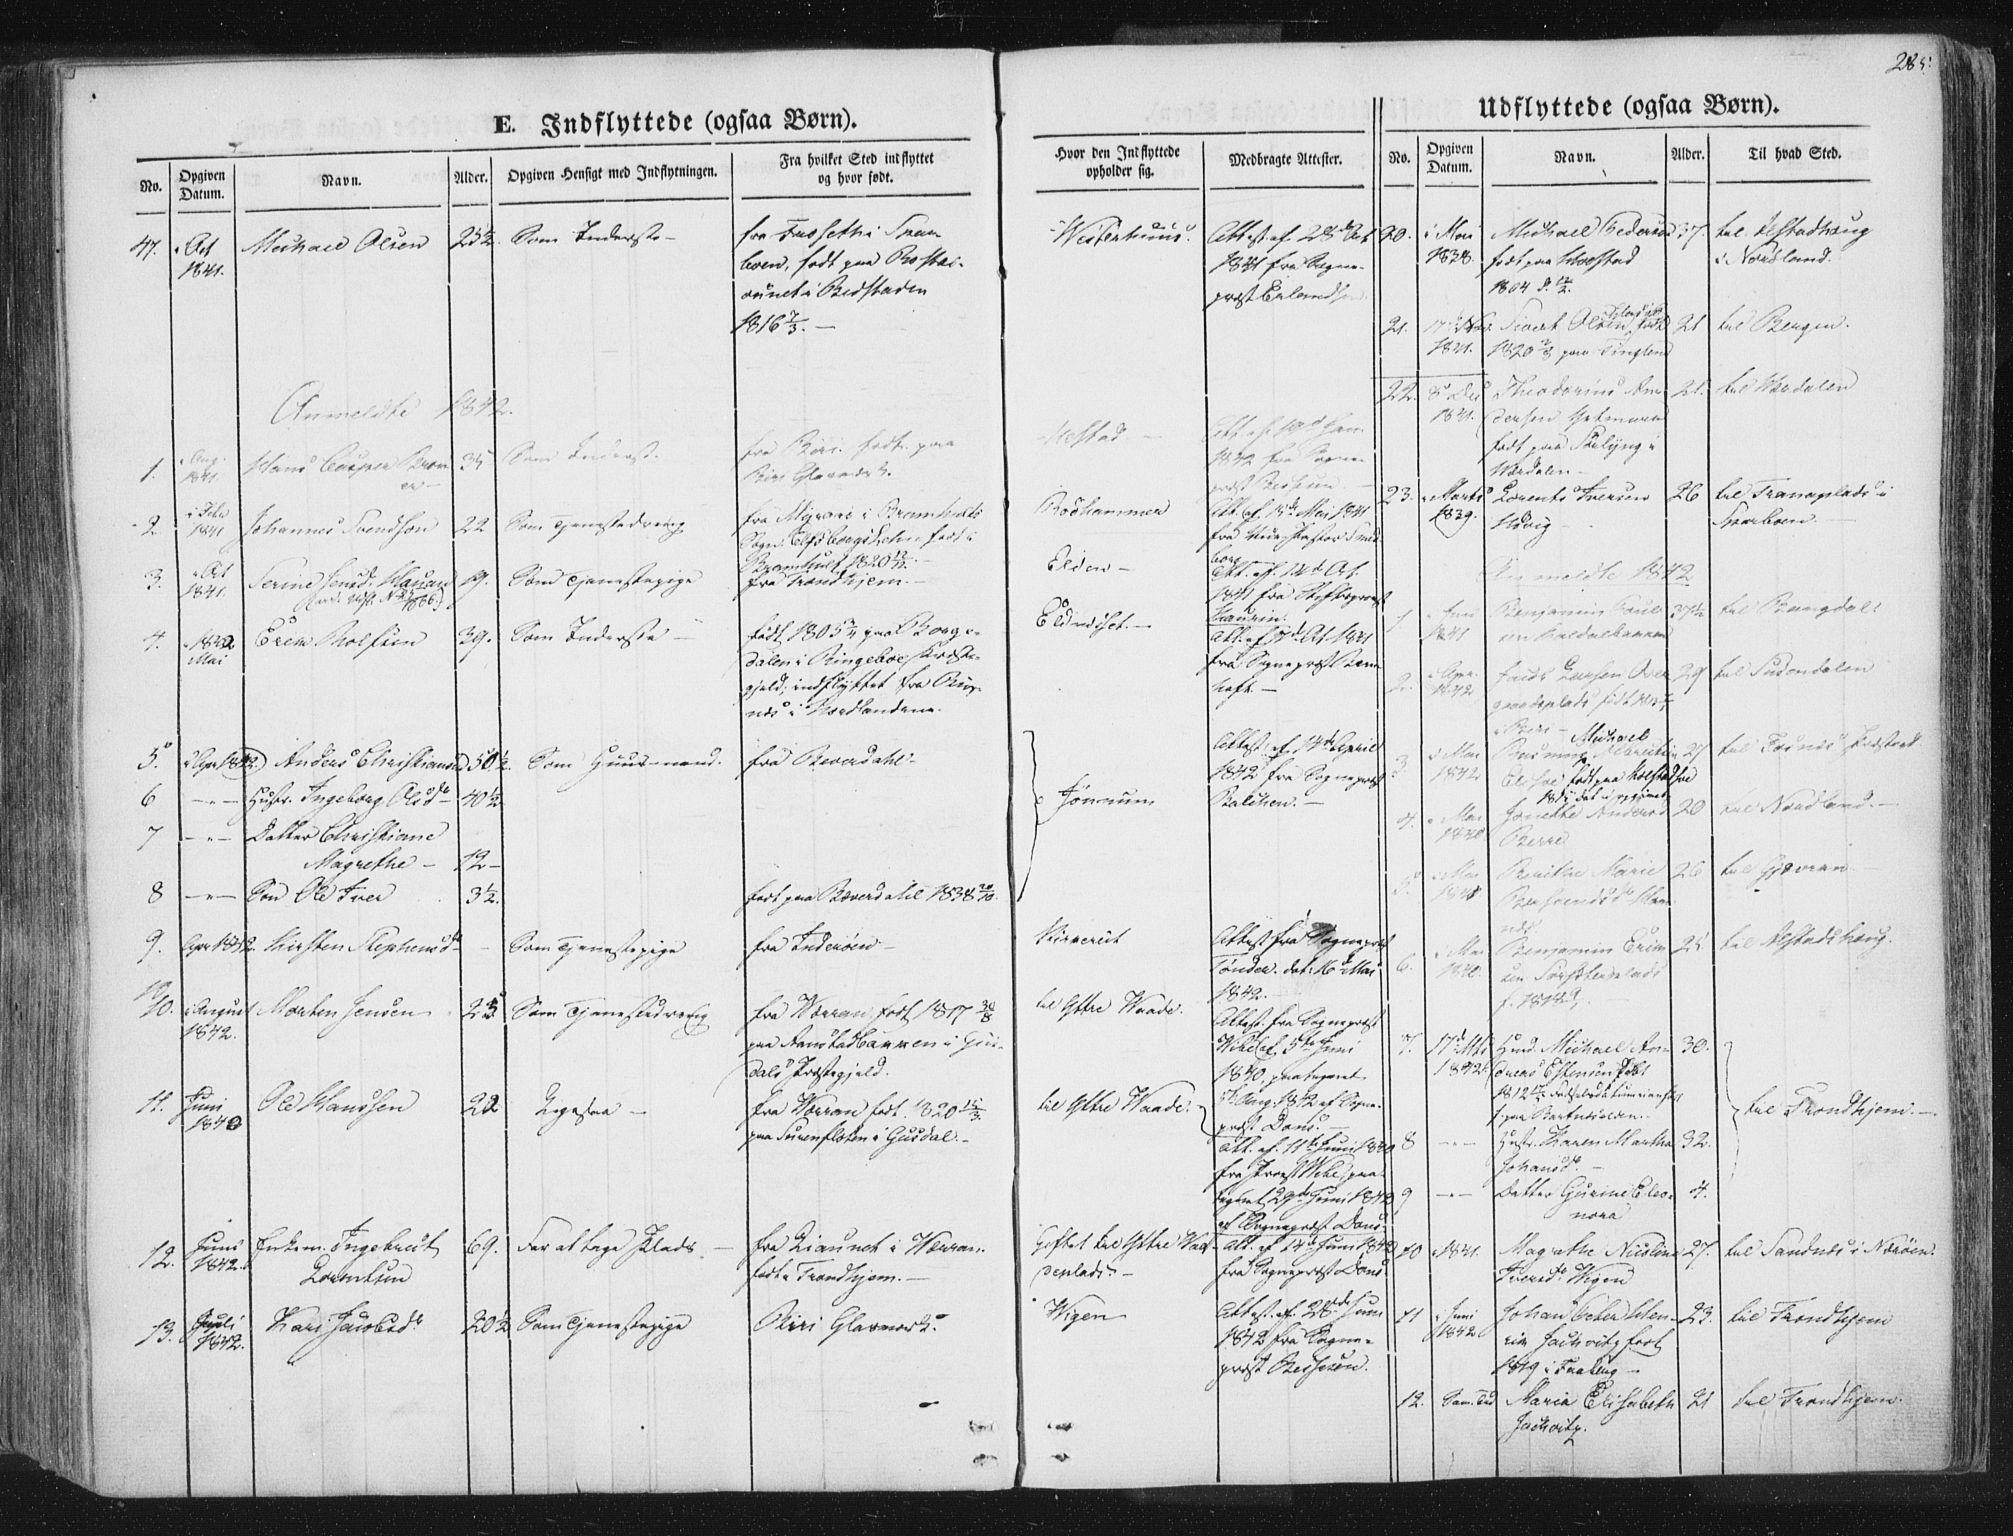 SAT, Ministerialprotokoller, klokkerbøker og fødselsregistre - Nord-Trøndelag, 741/L0392: Ministerialbok nr. 741A06, 1836-1848, s. 285